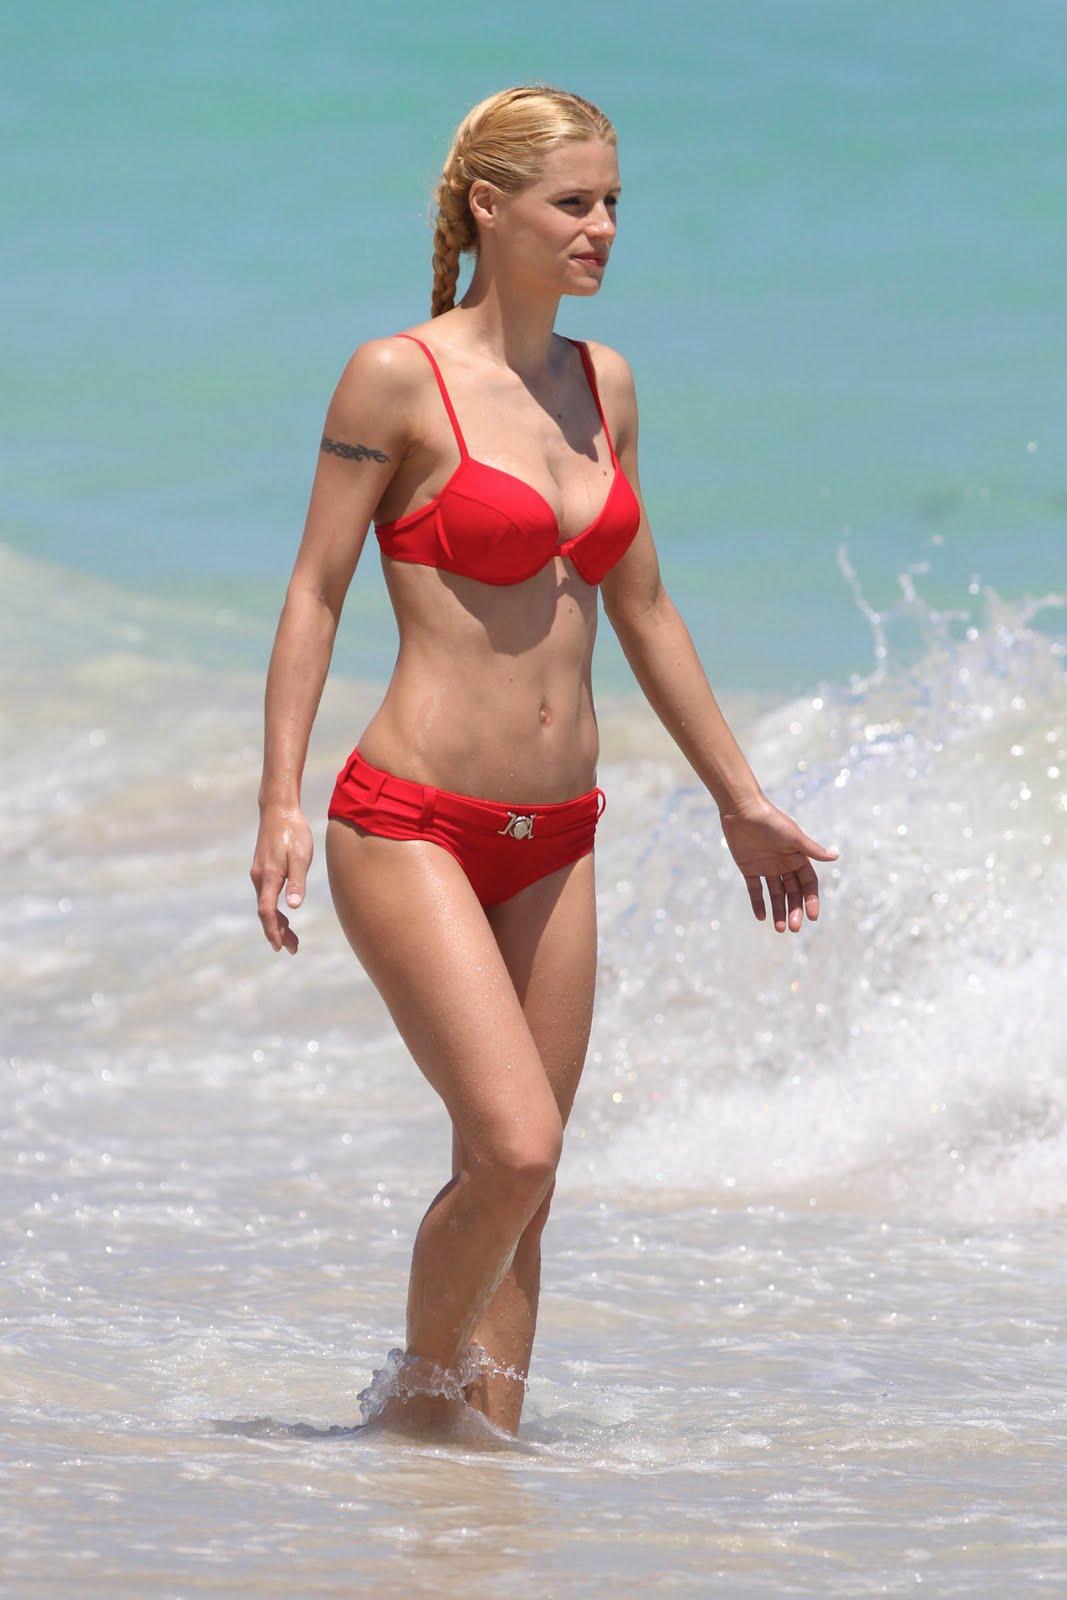 http://1.bp.blogspot.com/_zbsfJpJk1lA/S75YFTbXDmI/AAAAAAAAI6c/F-tTqA2528g/s1600/michelle_hunziker_bikini_beach_3_6.jpg